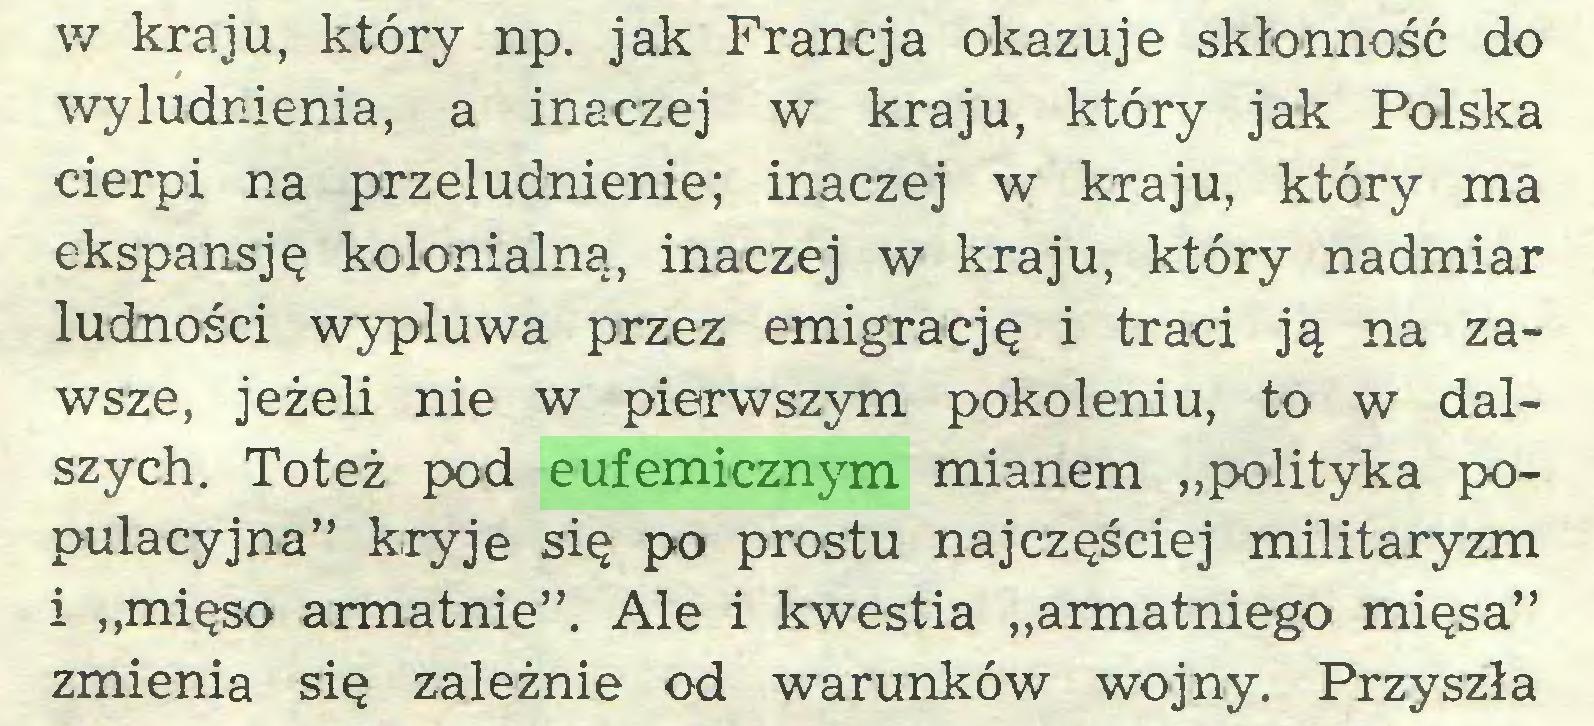 """(...) v/ kraju, który np. jak Francja okazuje skłonność do wyludnienia, a inaczej w kraju, który jak Polska cierpi na przeludnienie; inaczej w kraju, który ma ekspansję kolonialną, inaczej w kraju, który nadmiar ludności wypluwa przez emigrację i traci ją na zawsze, jeżeli nie w pierwszym pokoleniu, to w dalszych. Toteż pod eufemicznym mianem """"polityka populacyjna"""" kryje się po prostu najczęściej militaryzm i """"mięso armatnie"""". Ale i kwestia """"armatniego mięsa"""" zmienia się zależnie od warunków wojny. Przyszła..."""